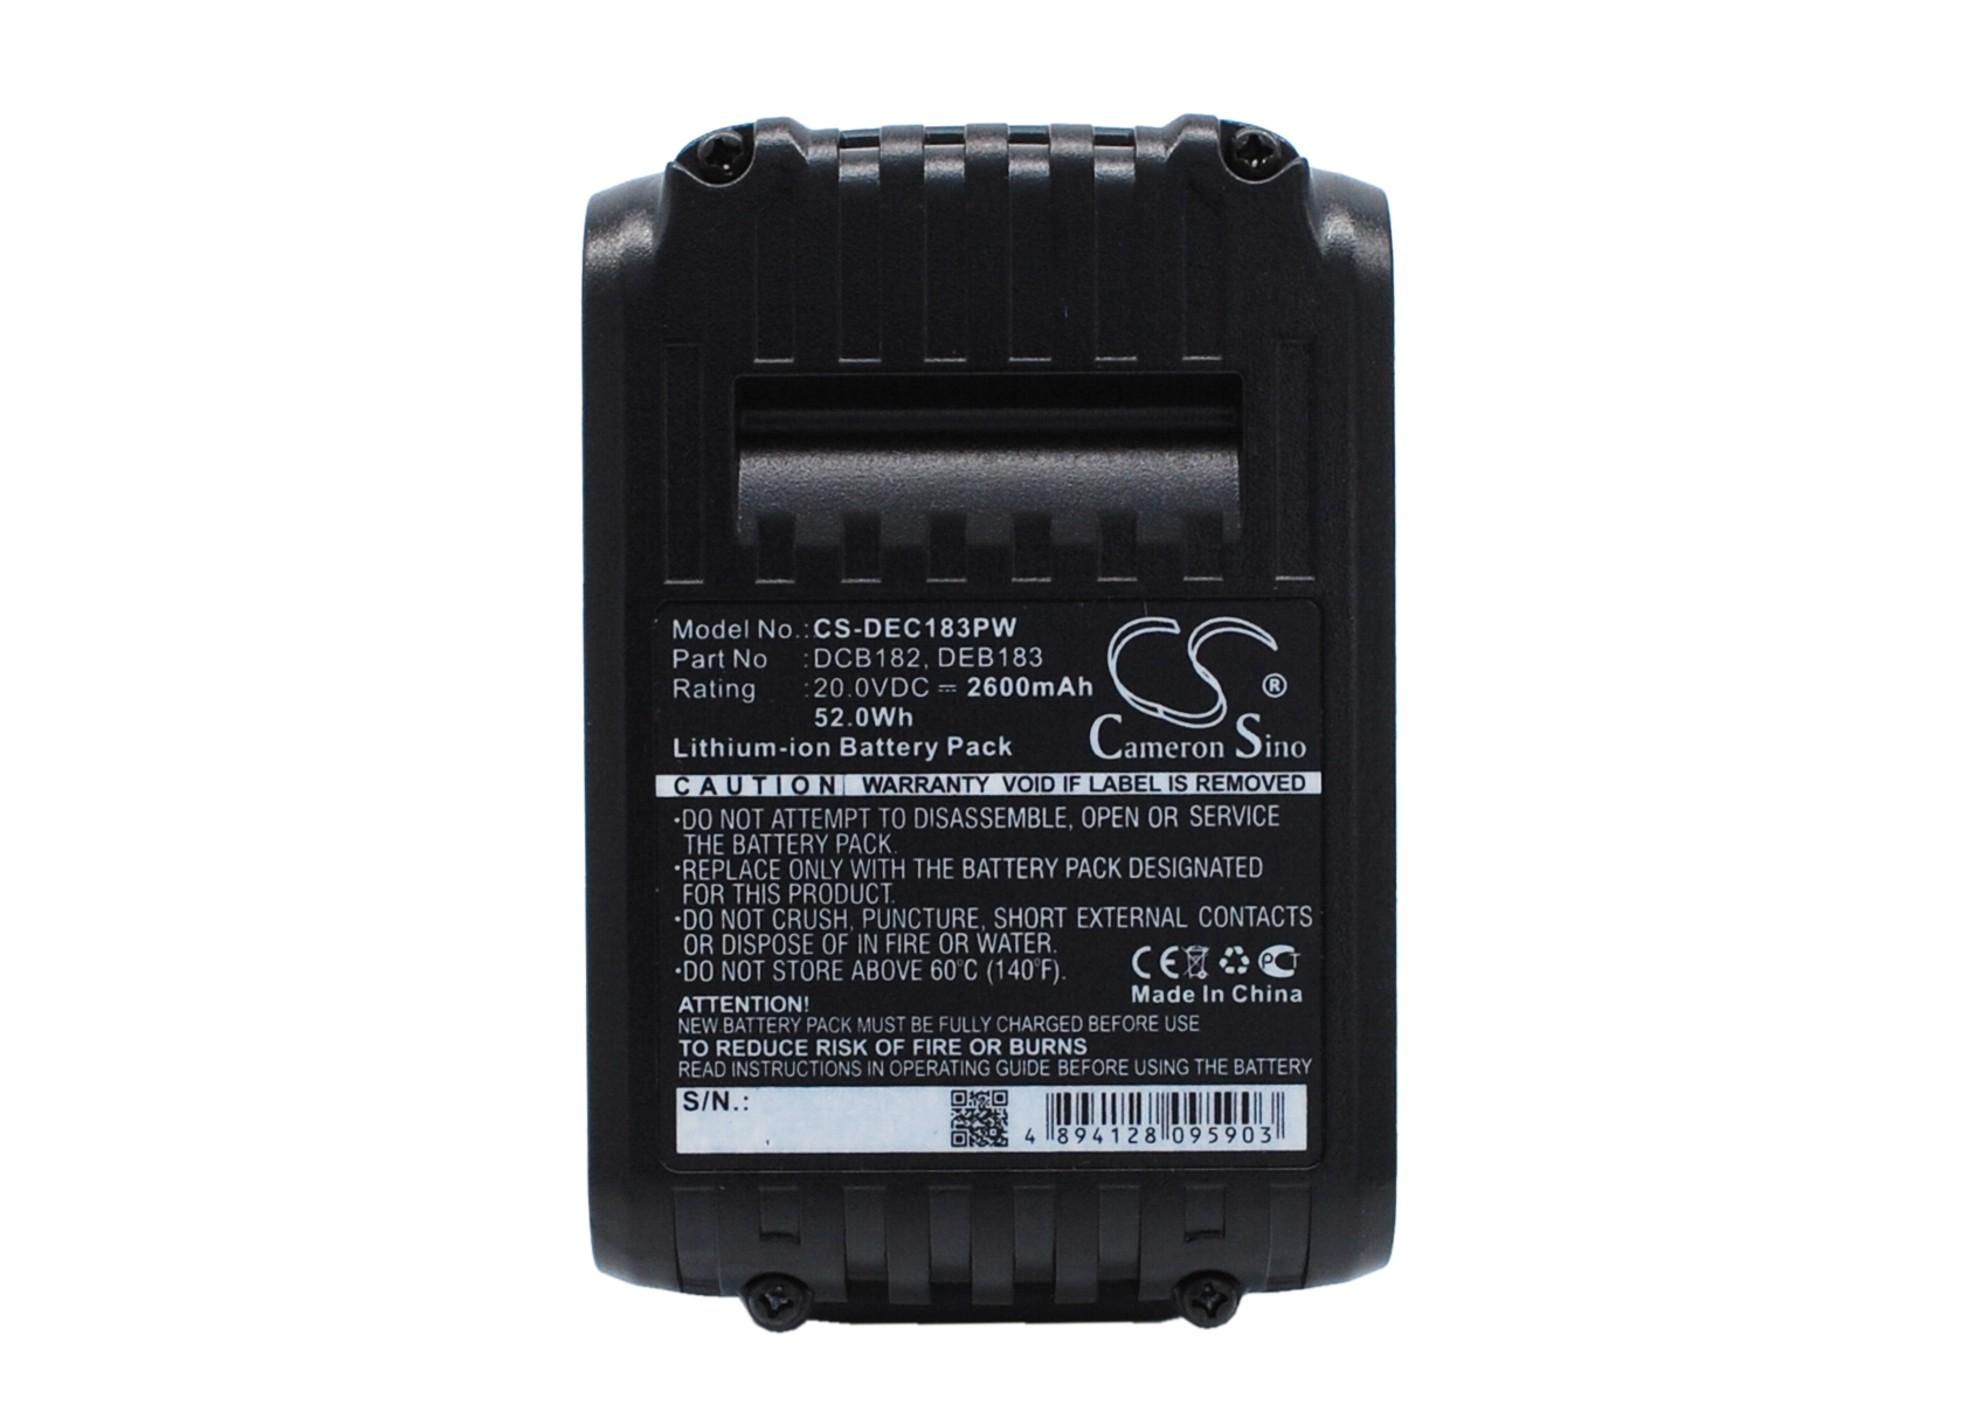 Cameron Sino baterie do nářadí pro DEWALT DCD980L2 20V Li-ion 2600mAh černá - neoriginální